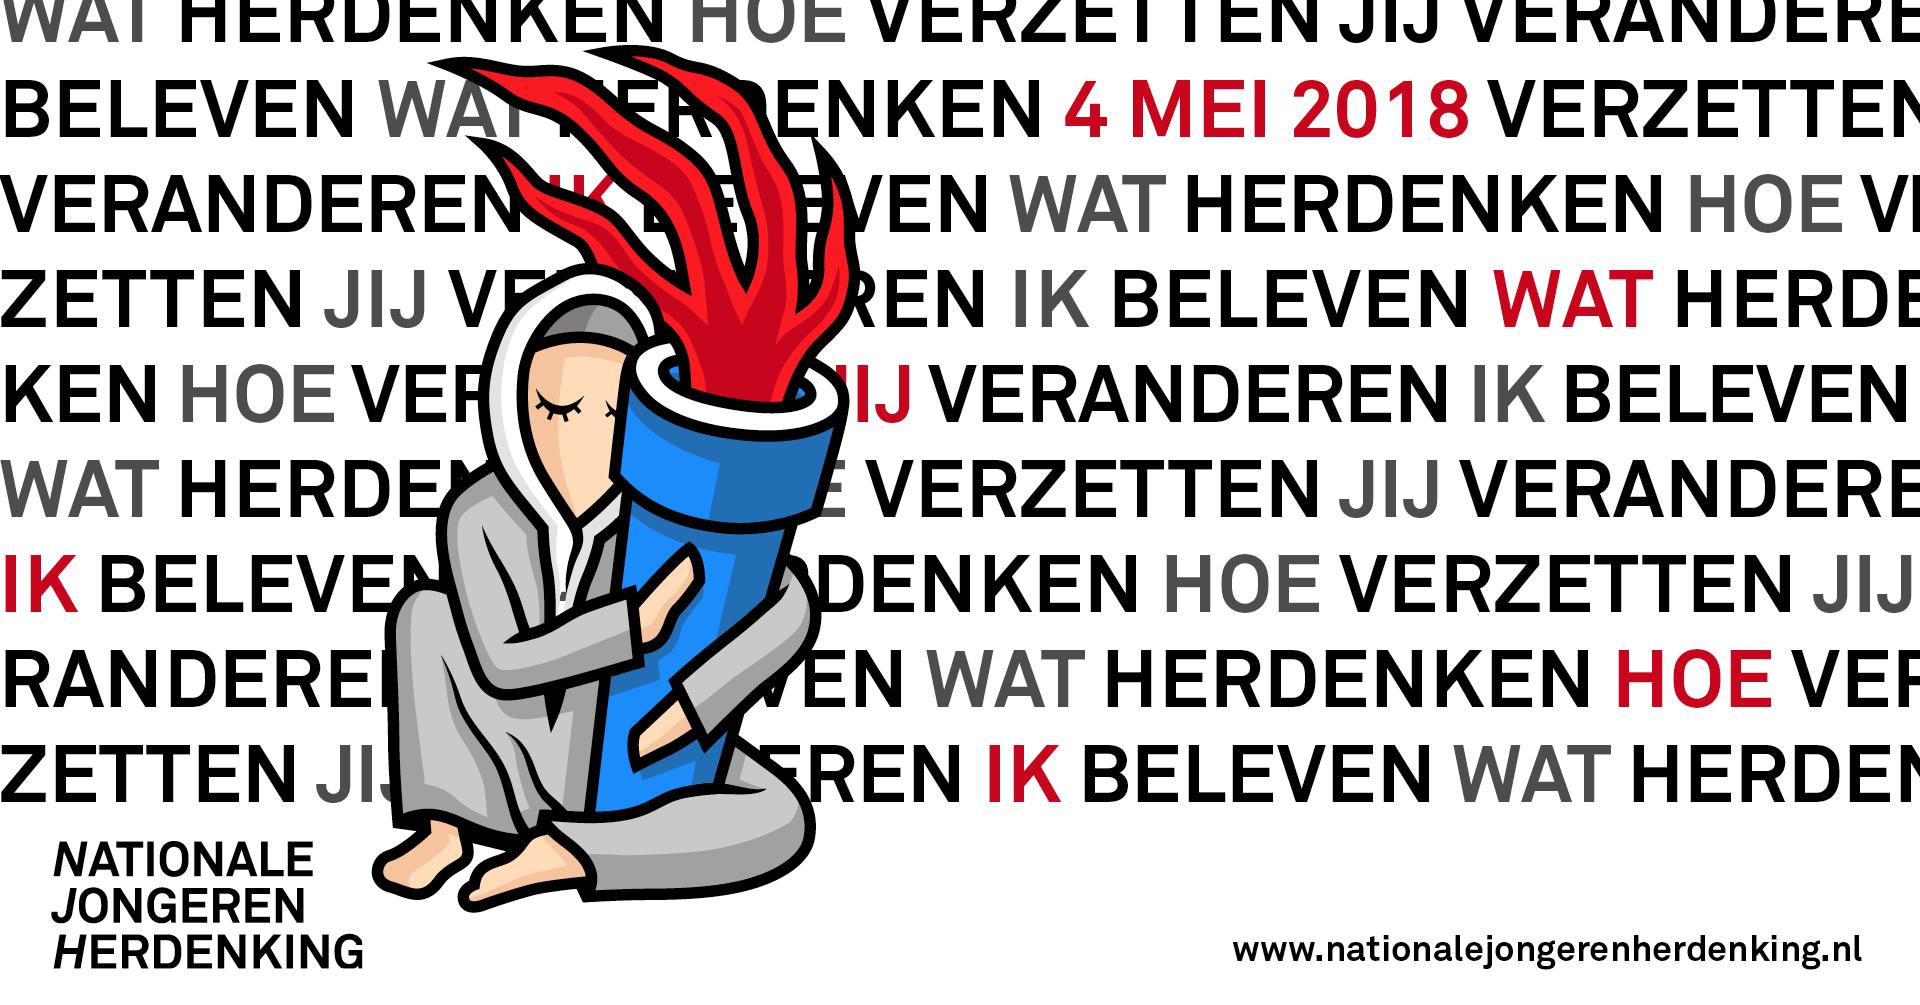 Nationale Jongeren Herdenking 2018